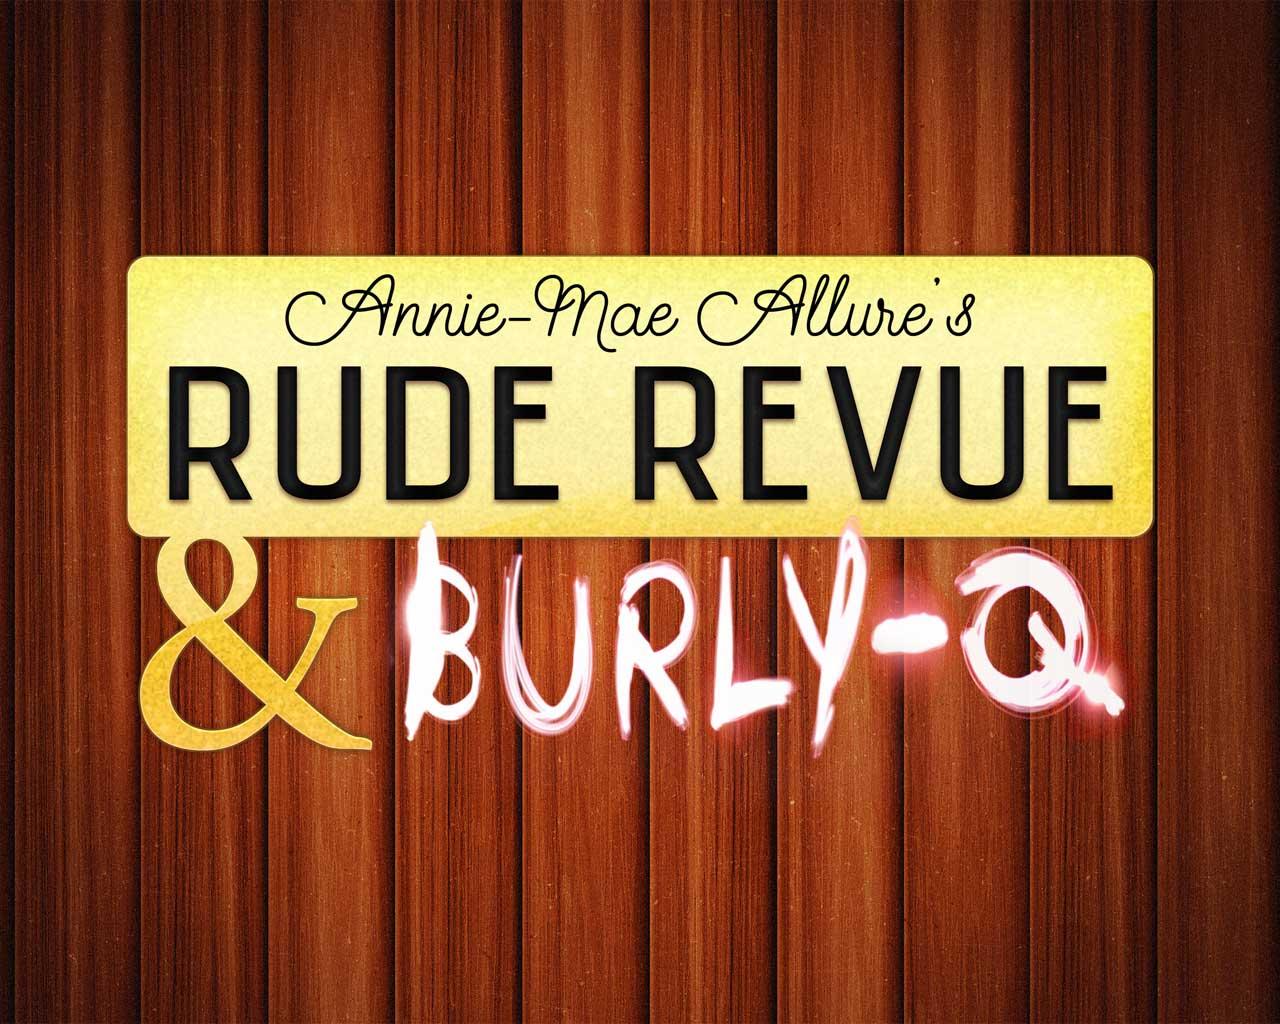 Rude Revue & Burly Q